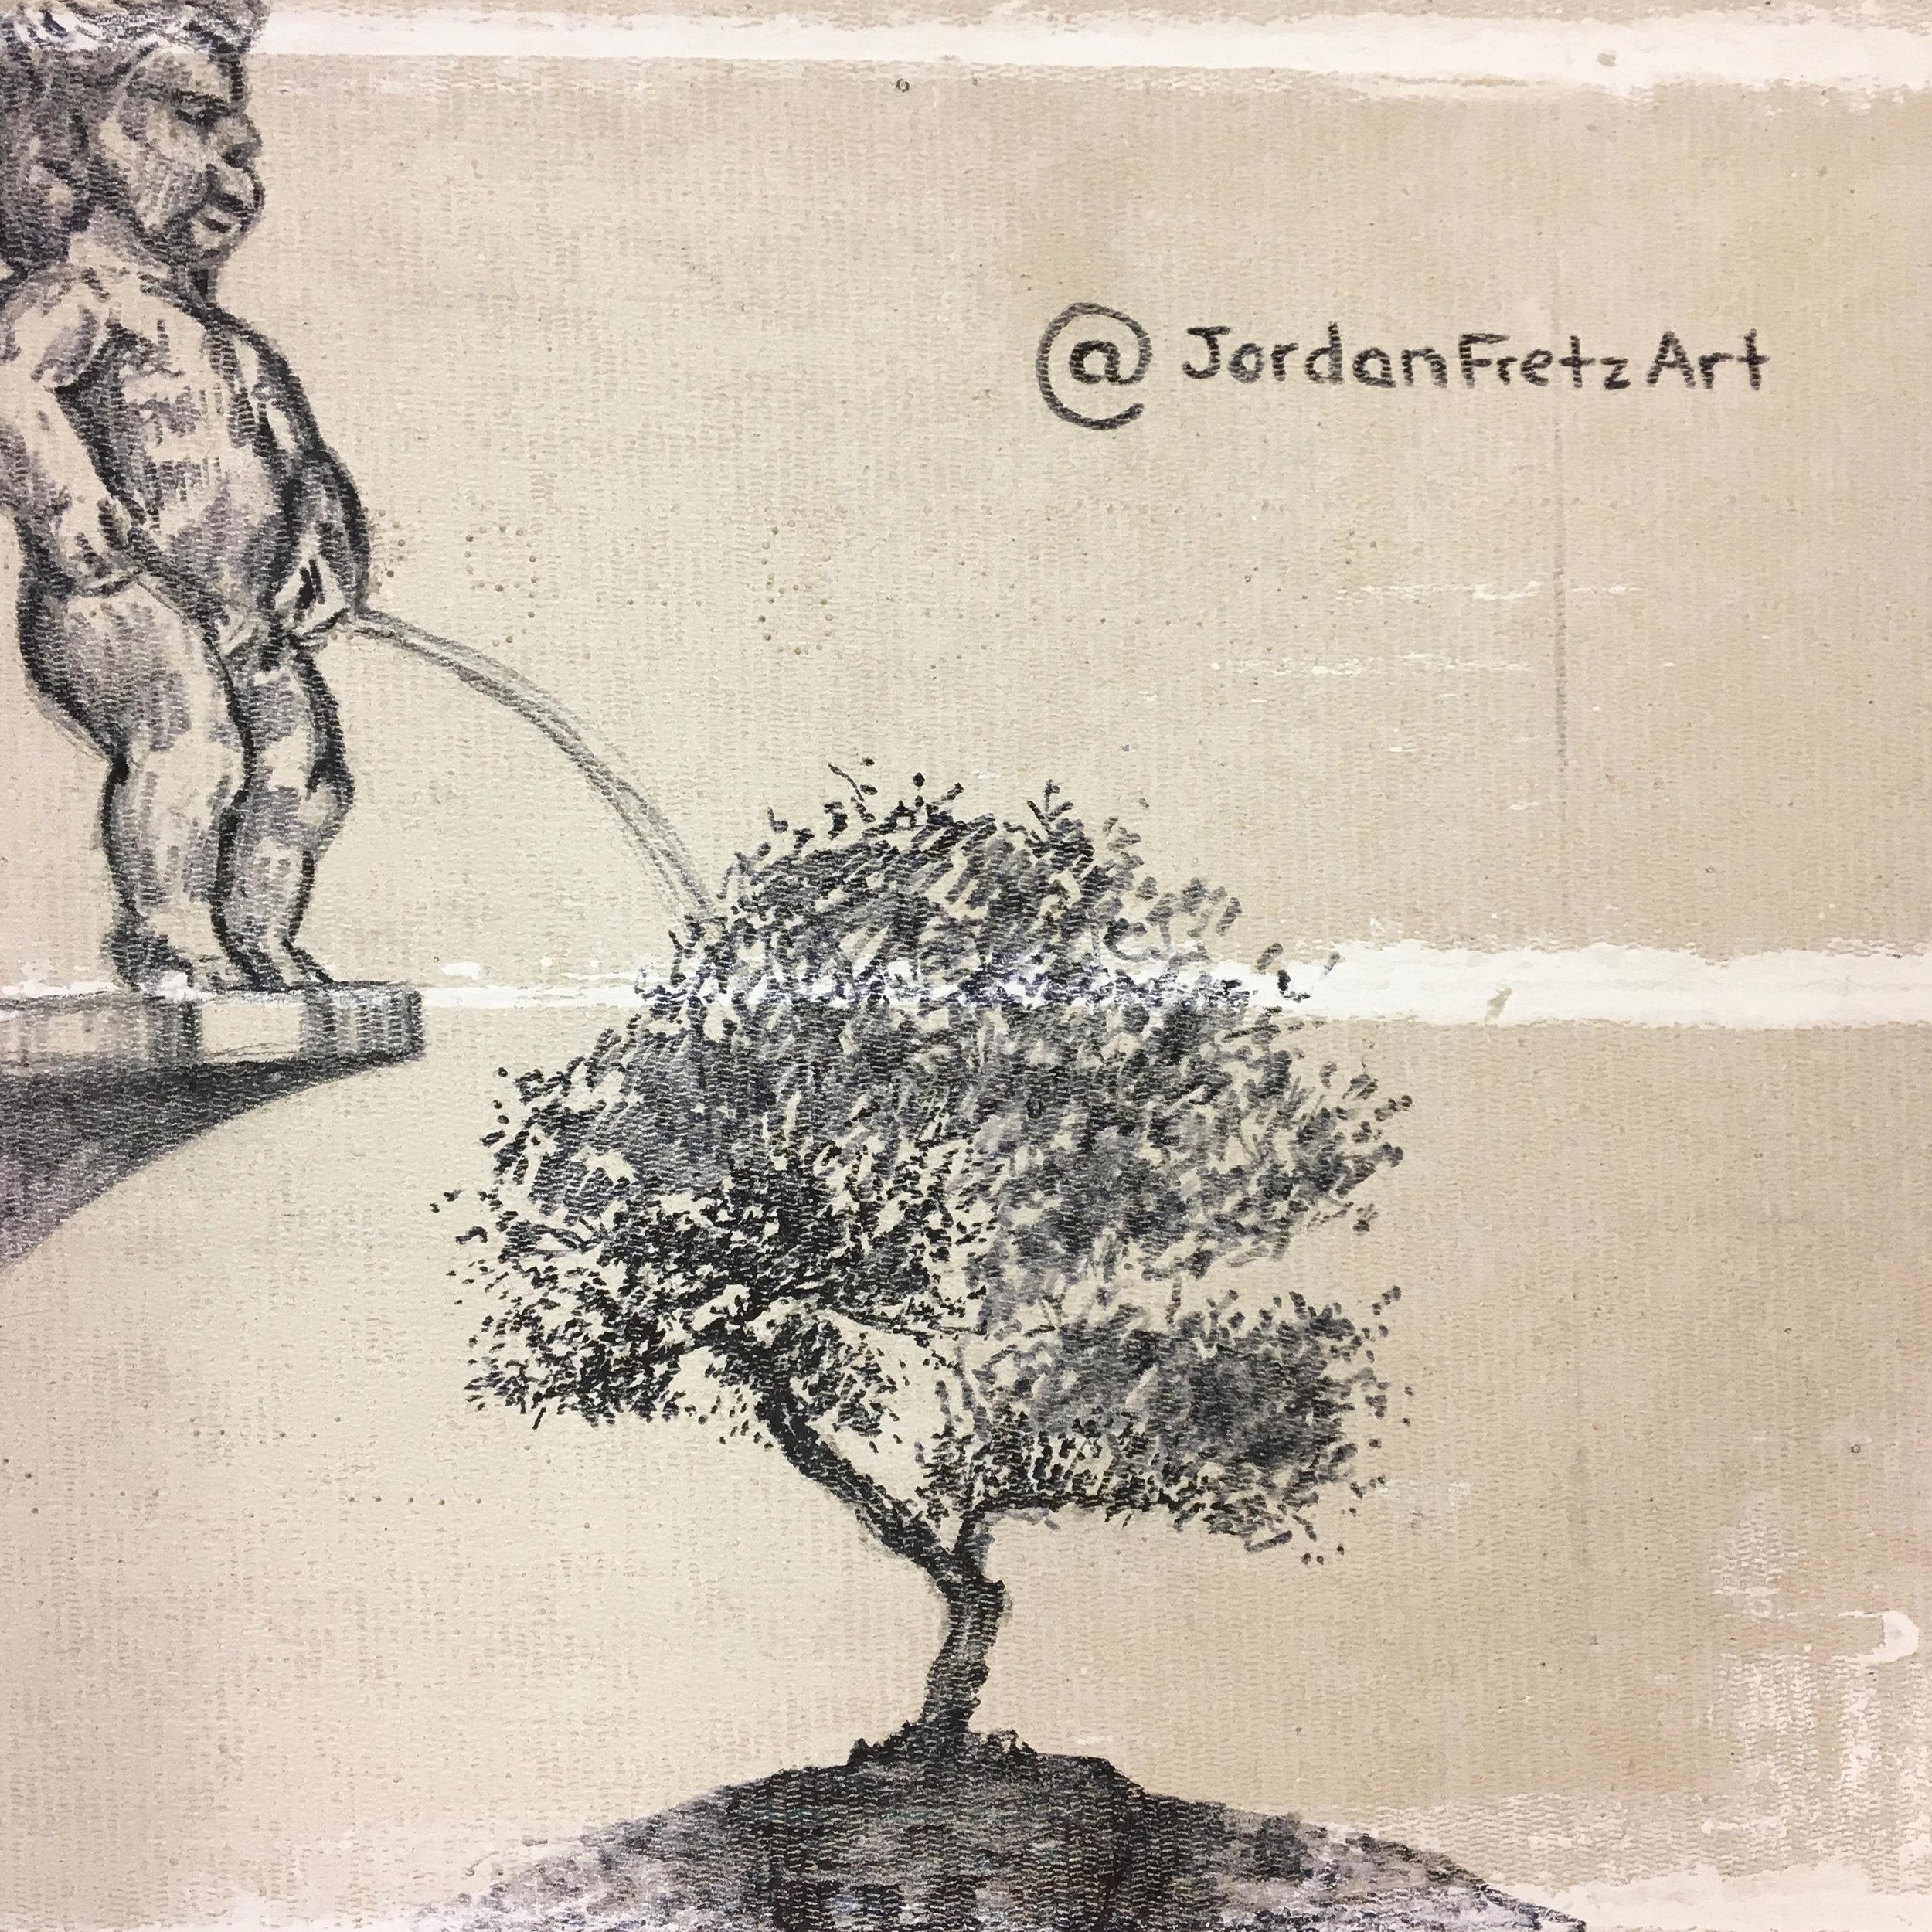 jordan-fretz-ceiling-tile-art-2.jpg